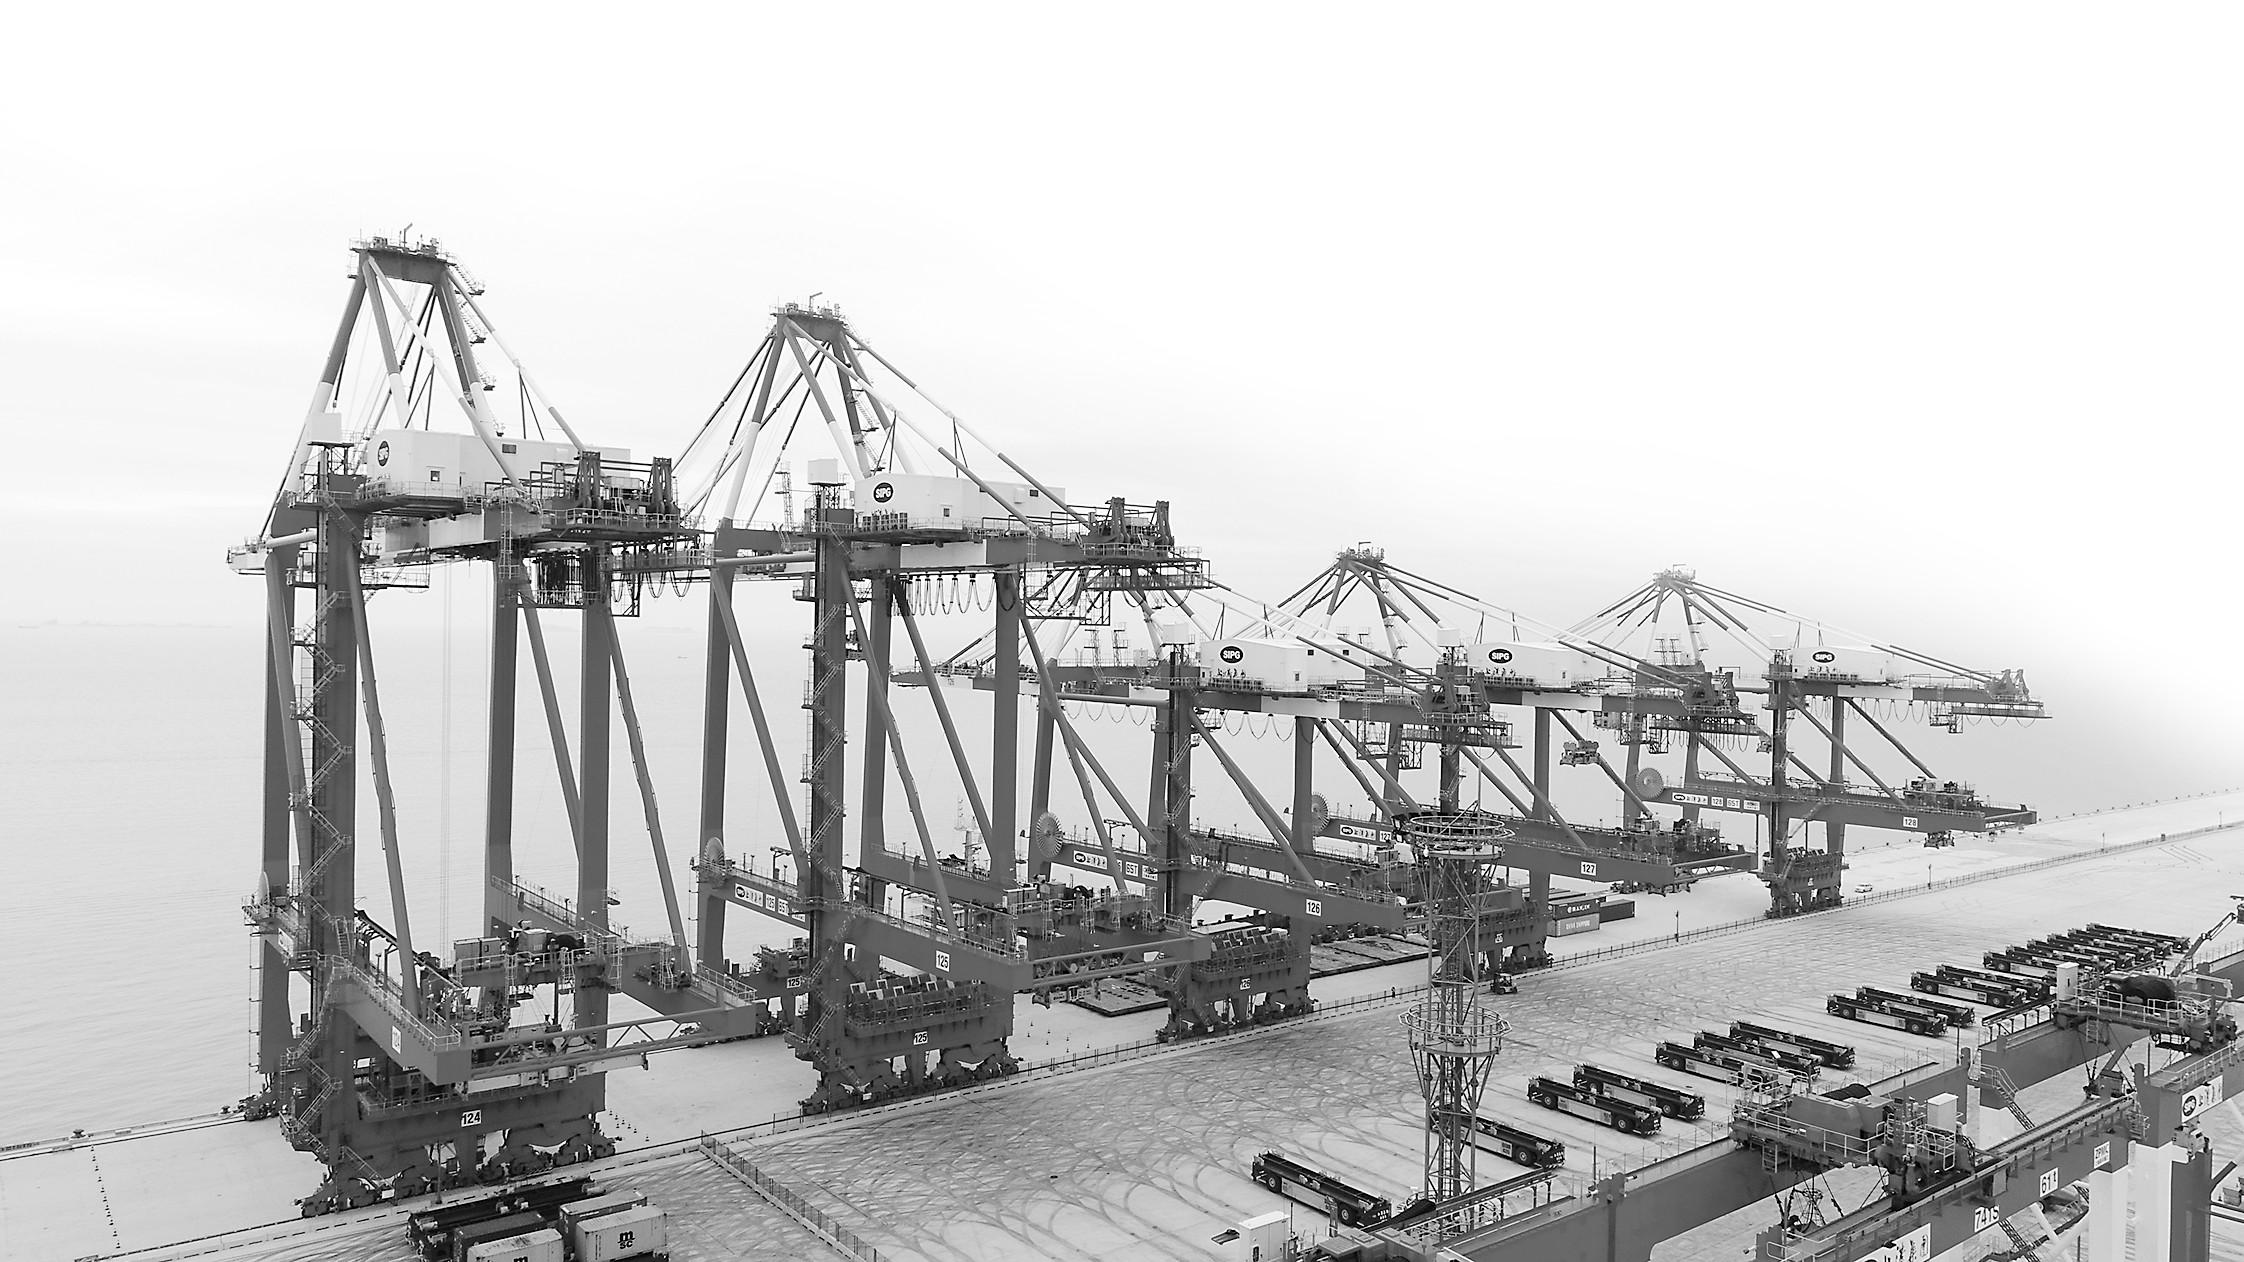 """全世界港口建设的""""珠穆朗玛"""":中国这座""""魔鬼码头""""让世界震撼"""